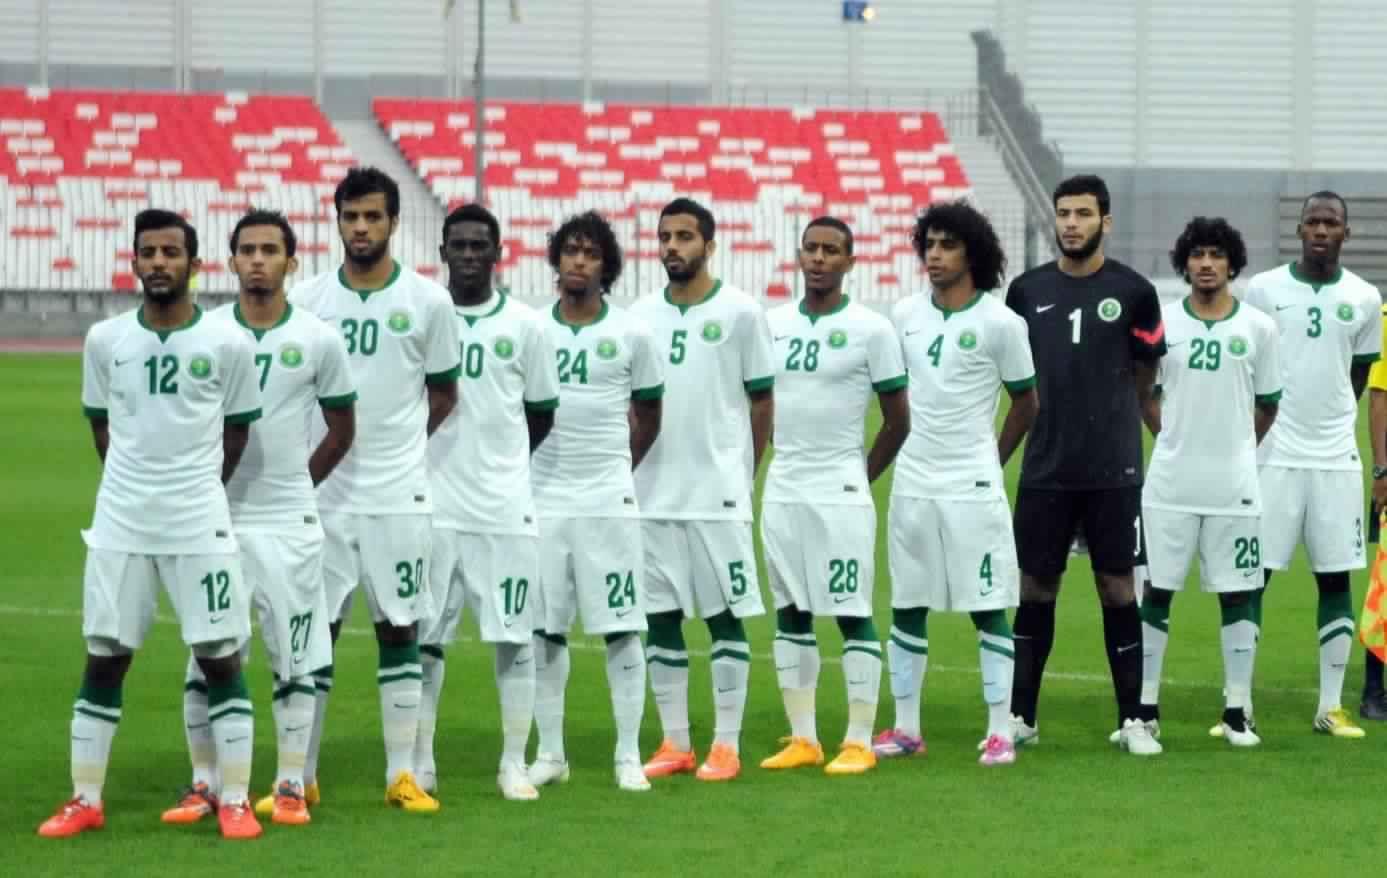 القنوات الناقلة لمباراة السعودية والاردن الاولمبى الان اليوم الاربعاء 10 1 2018 والموعد فى كأس أسيا تحت 23 سنة موعد مباراة السعودية Sports Soccer Field Soccer